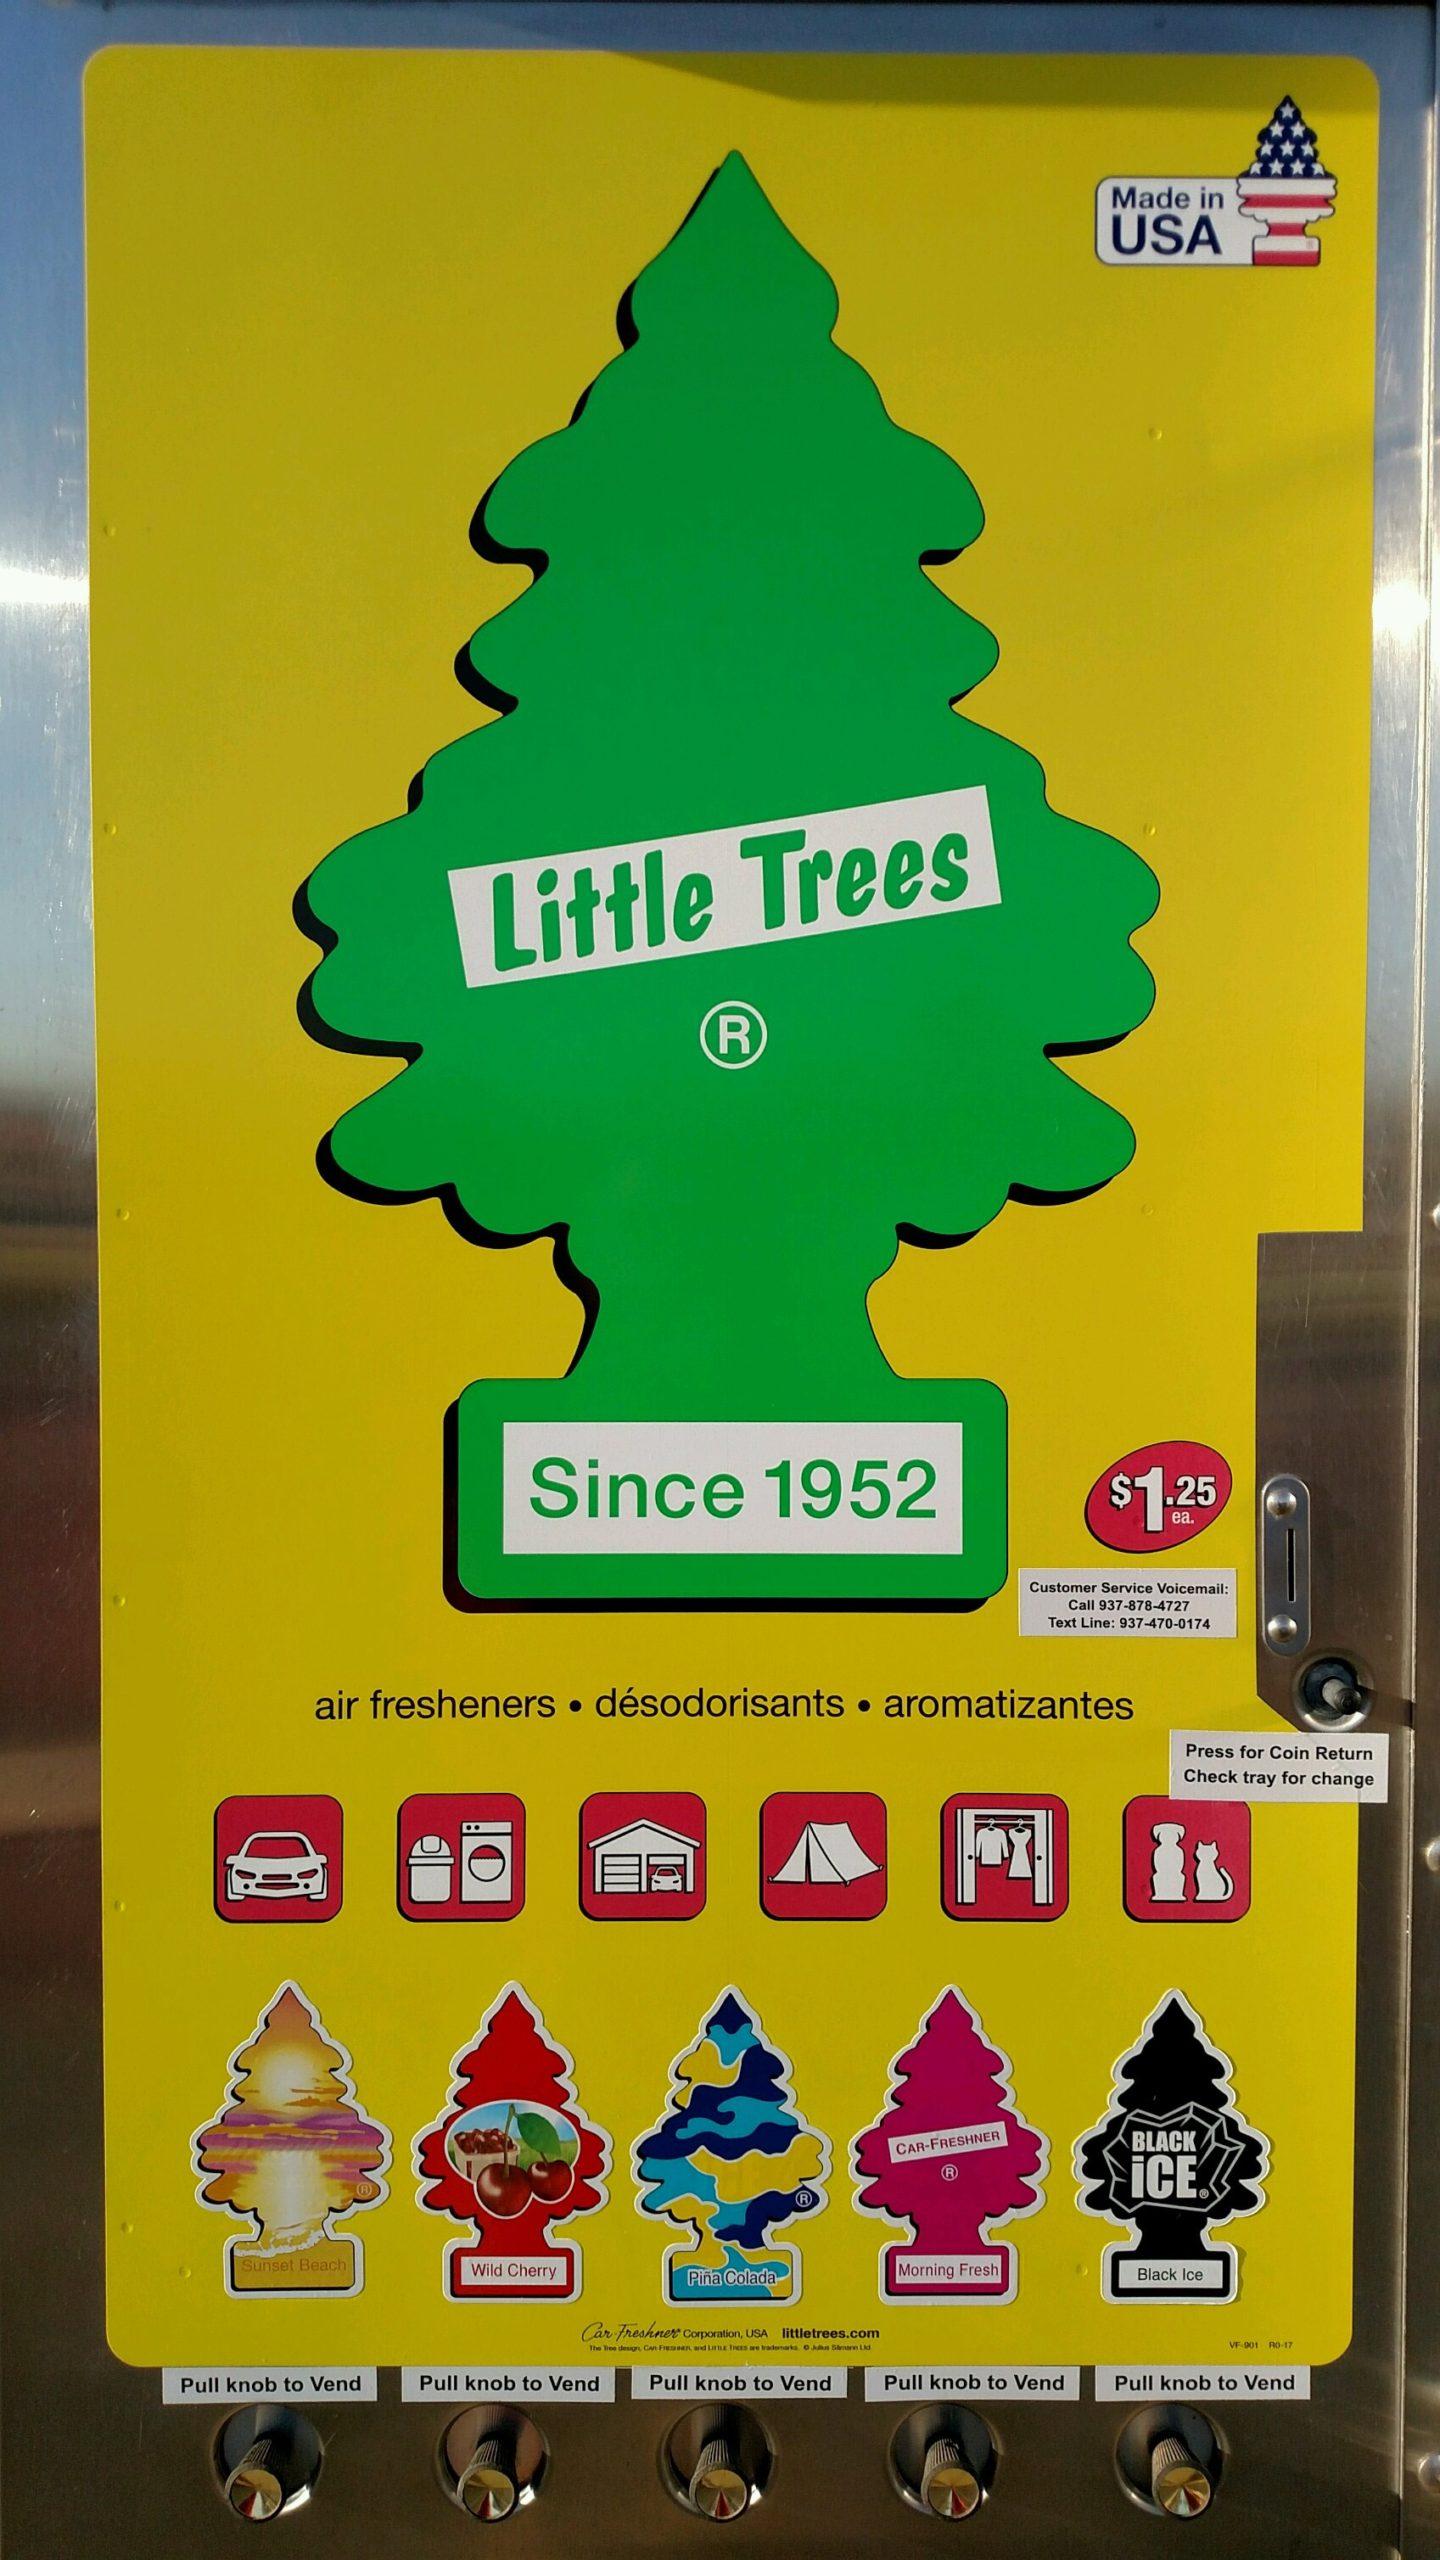 Little Trees Vending